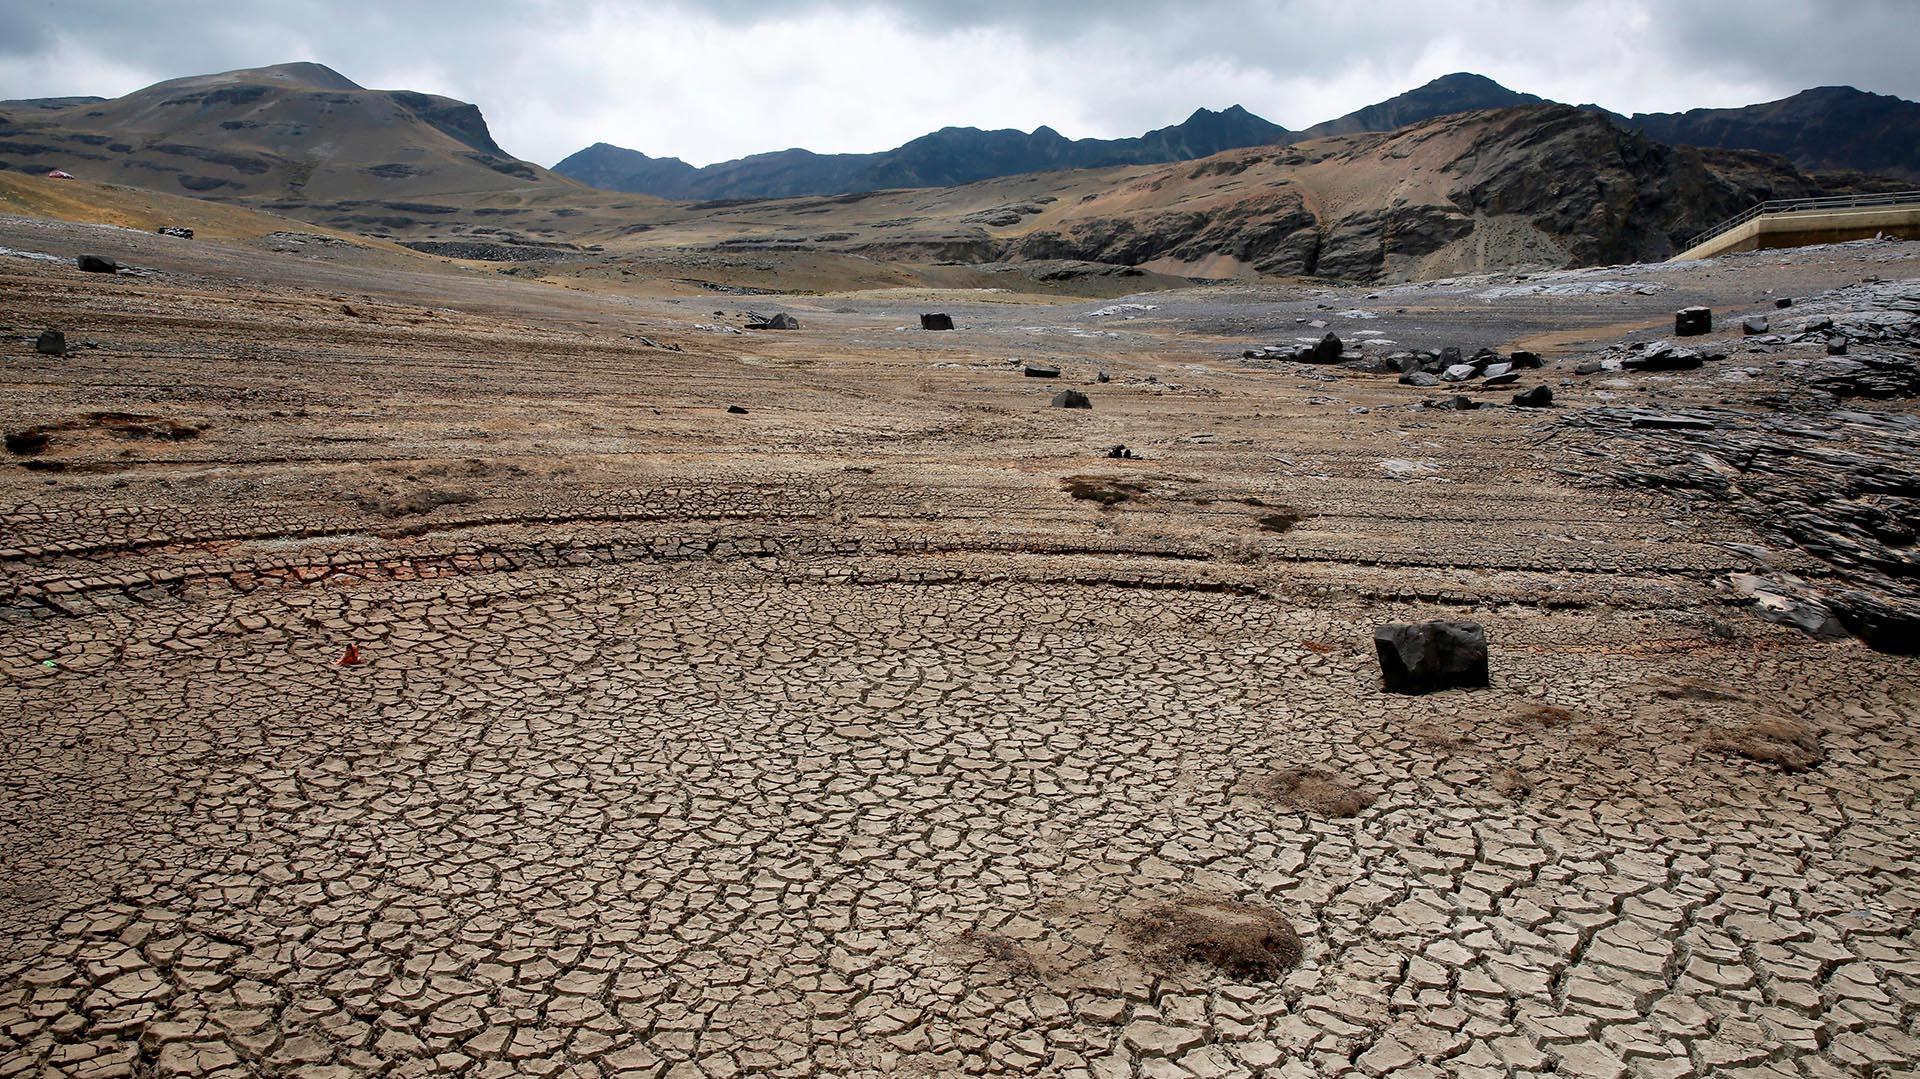 """Tras reunirse con sus ministros, Morales explicó que el decreto declara """"situación de emergencia nacional debido a la presencia de sequía y déficit hídrico en diferentes regiones del territorio nacional provocadas por fenómenos climáticos adversos"""" (Reuters)"""